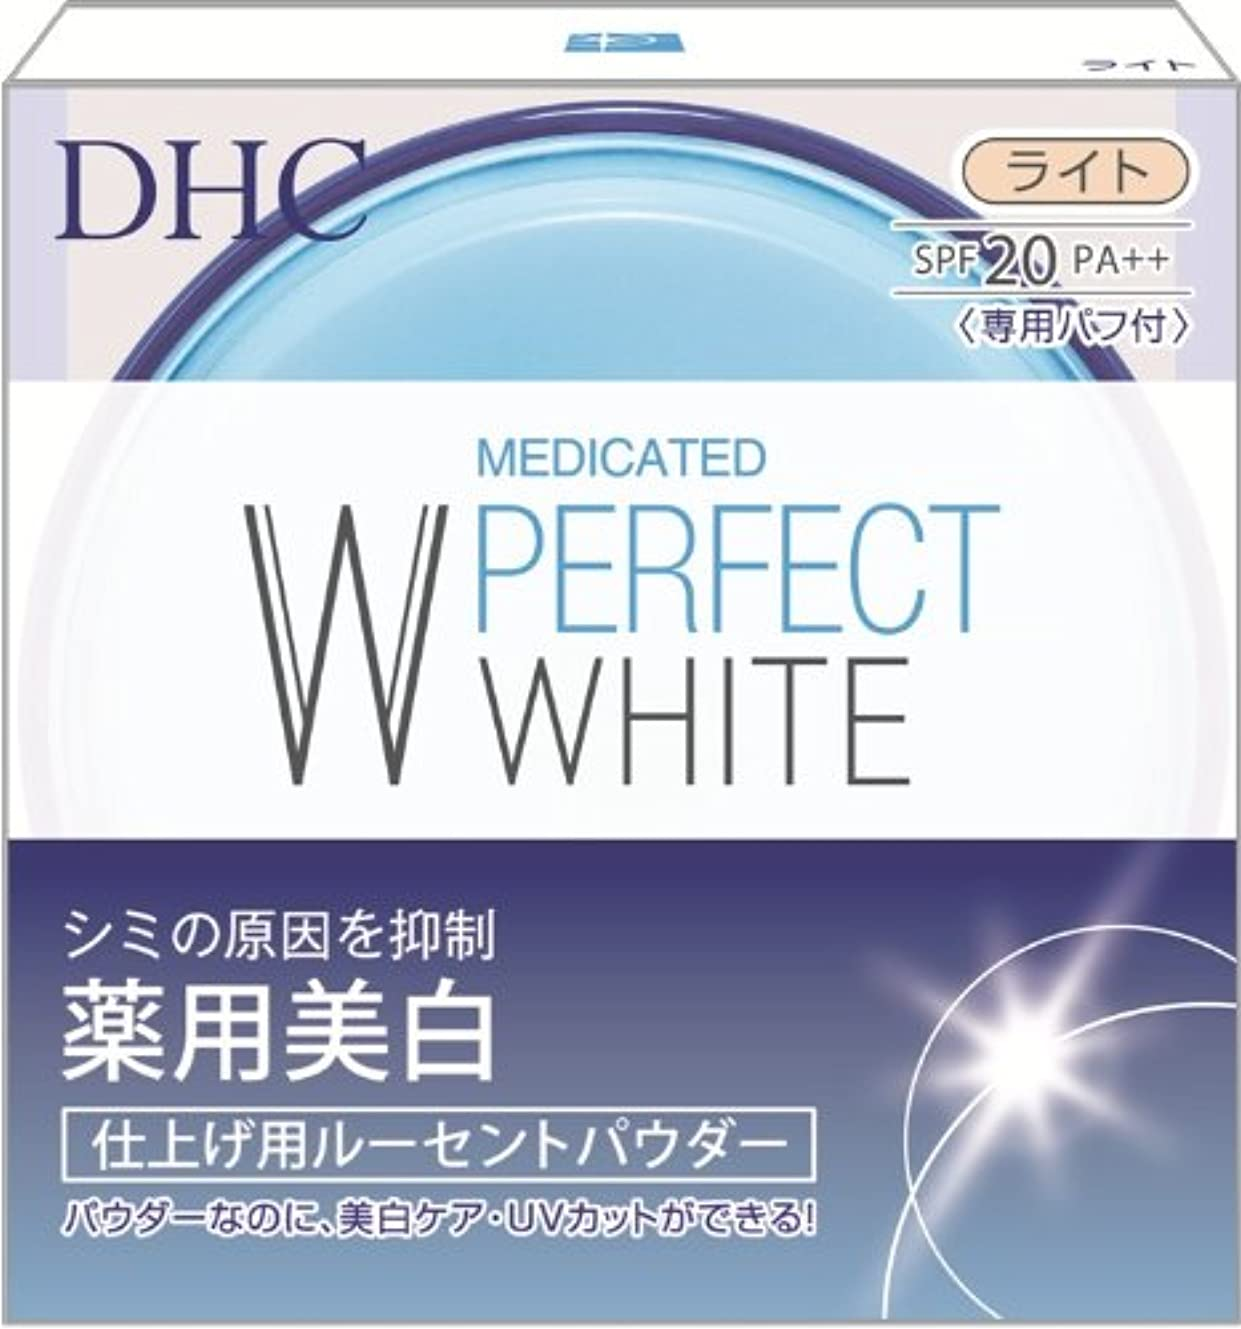 オプショナルインサート望みDHC 薬用PWルーセントパウダーライト8g